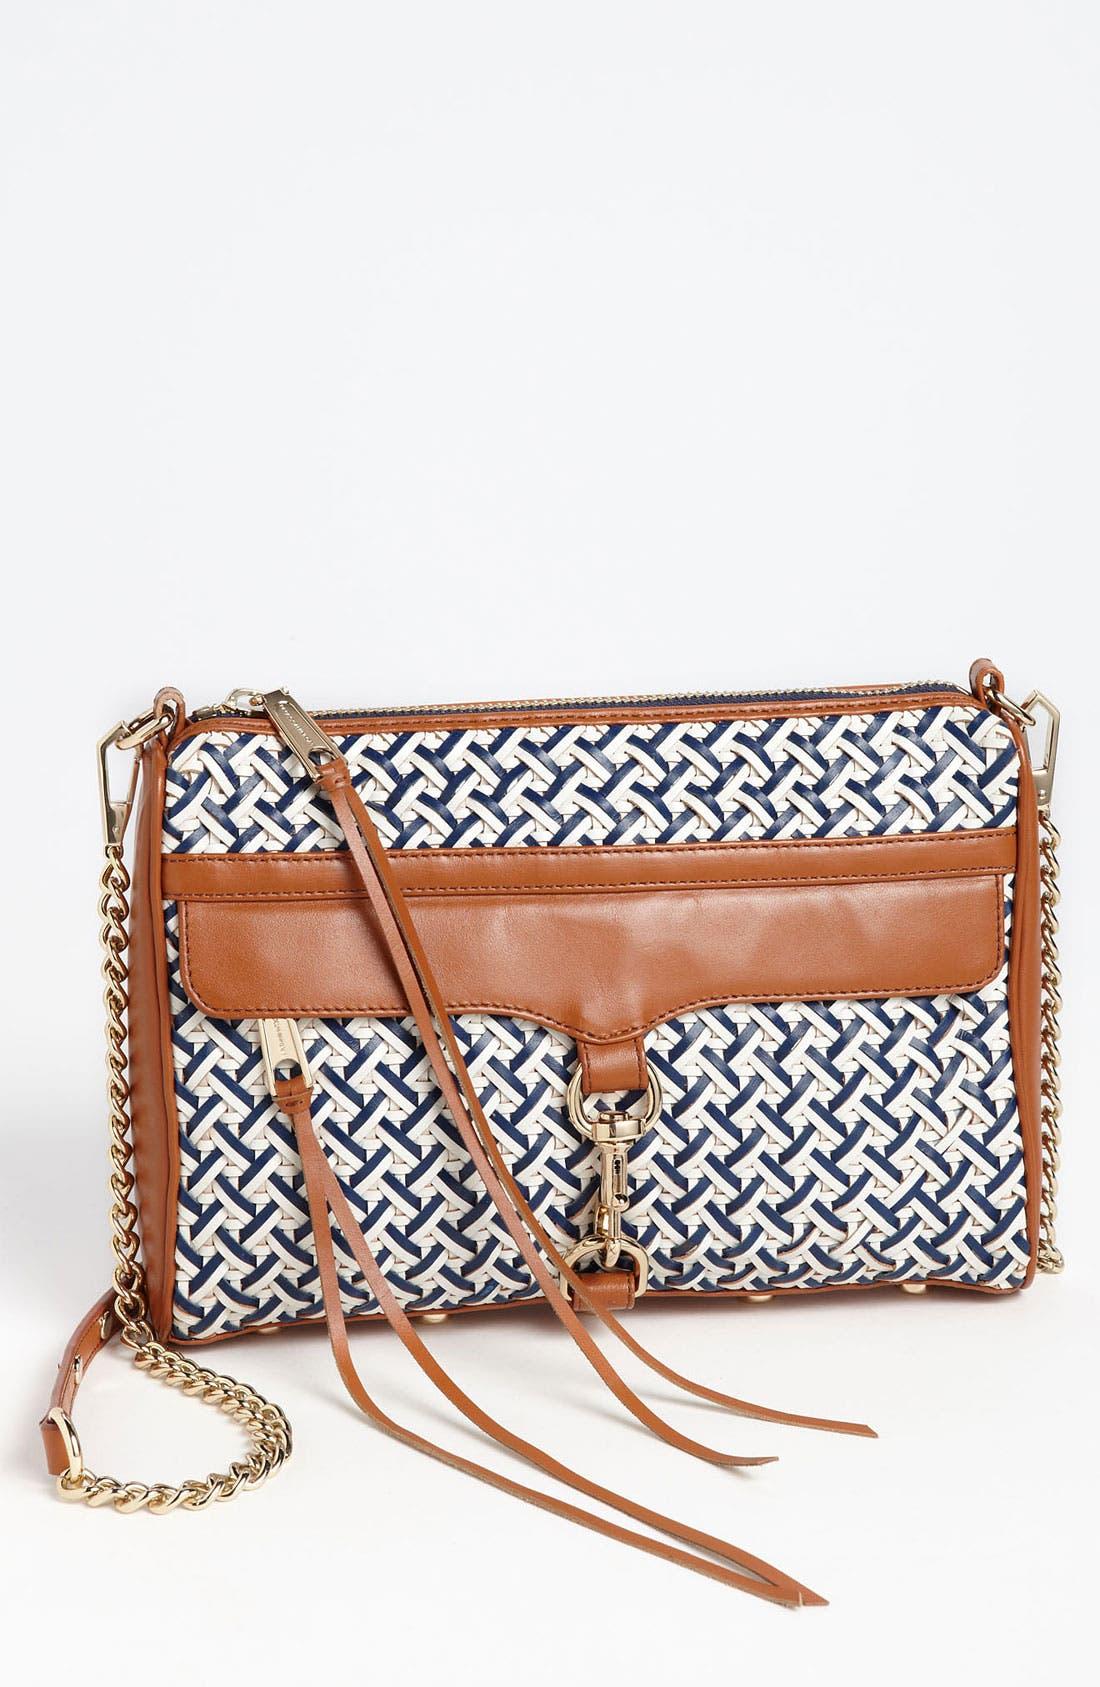 Alternate Image 1 Selected - Rebecca Minkoff 'MAC' Shoulder Bag